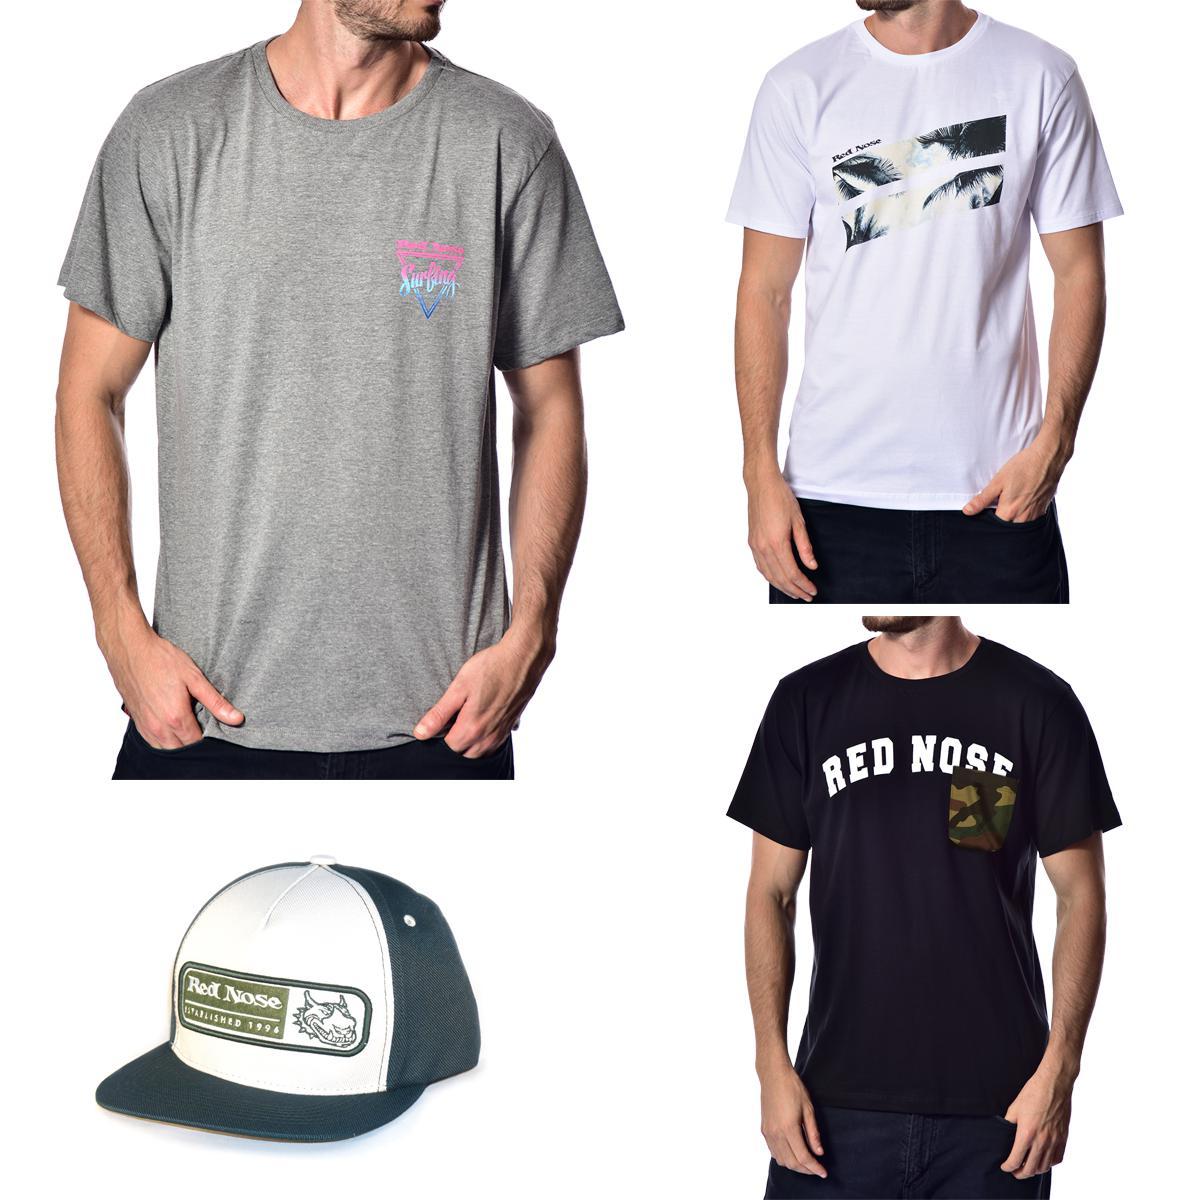 KIT 3 Camisetas e Boné Red Nose - Cinza e Branco e Preto P